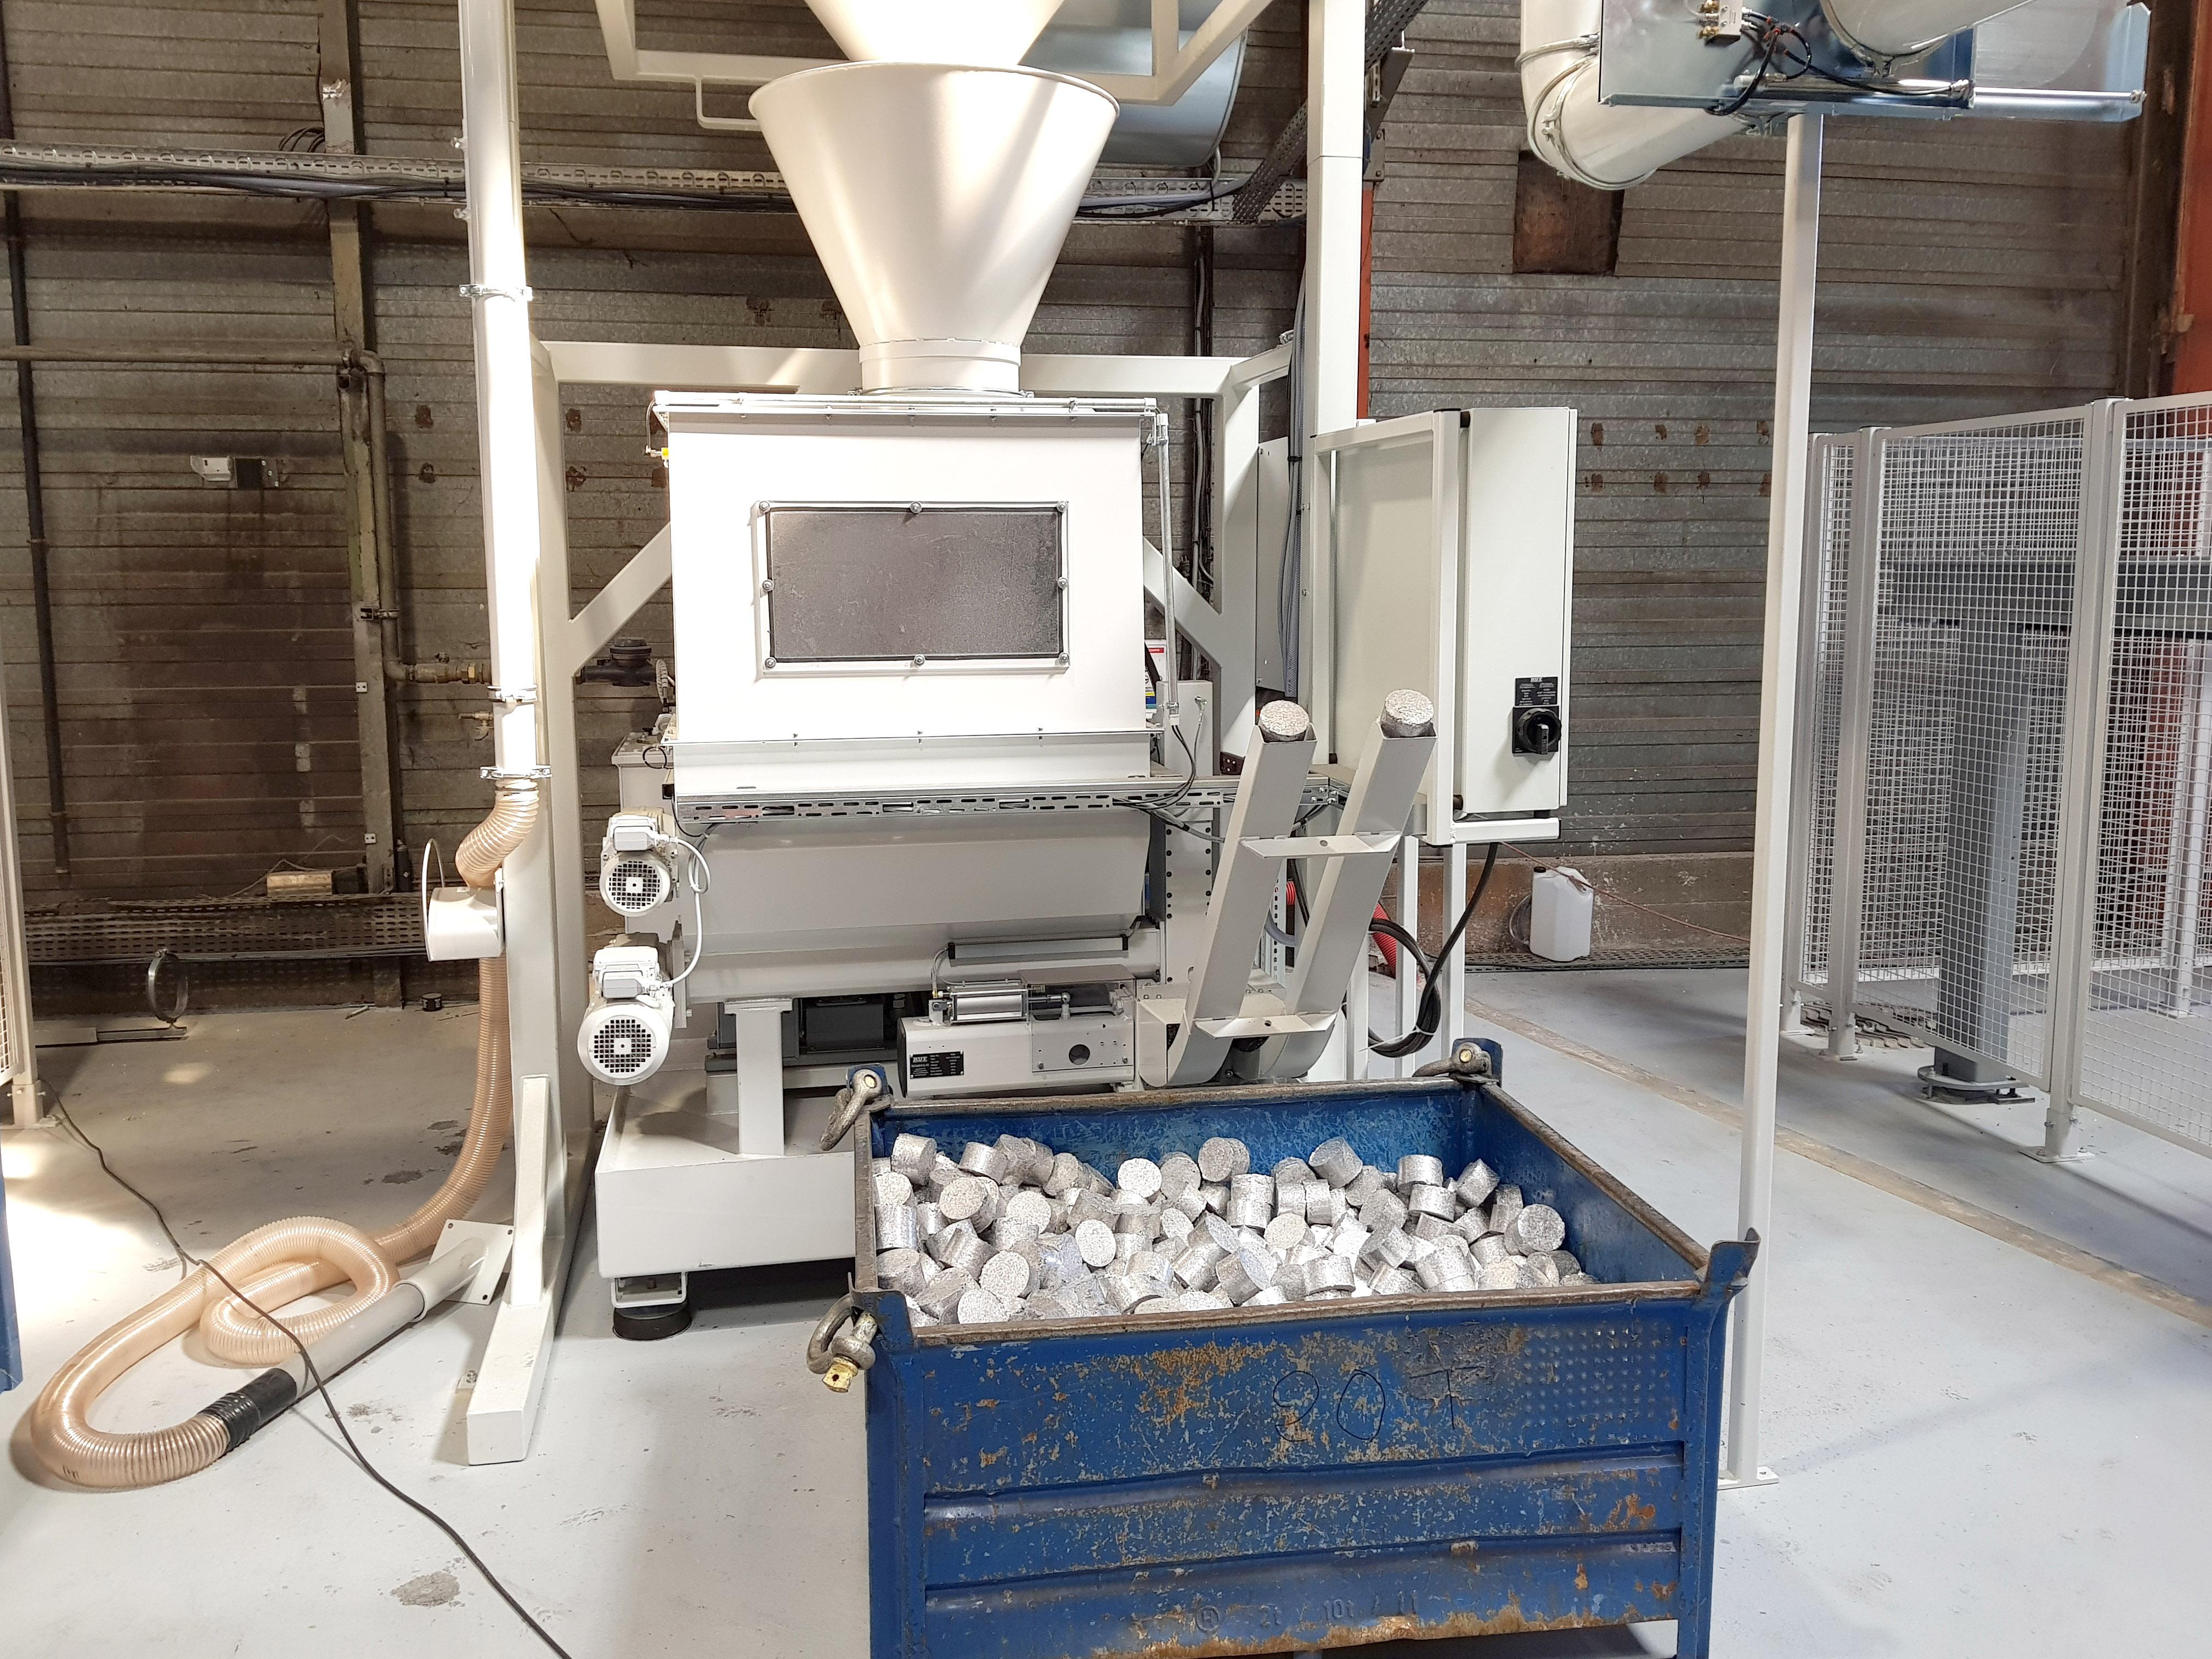 Ouvrir l'image : «Briqueteuse aluminium»